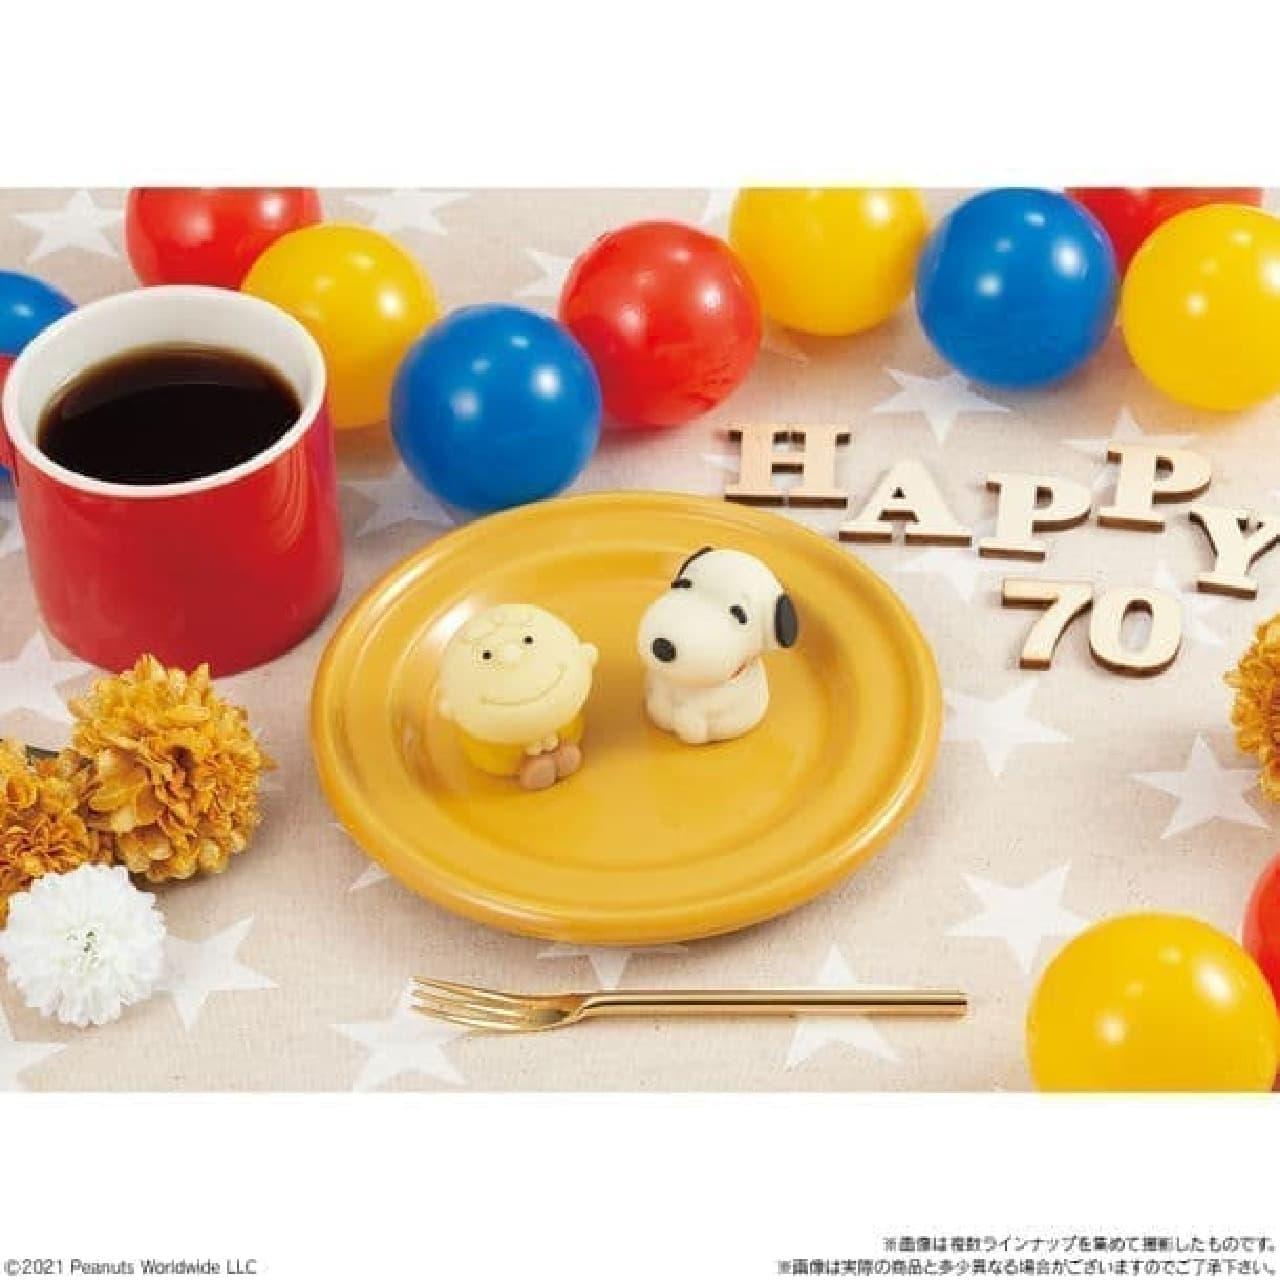 ローソン 和菓子「食べマス スヌーピー」